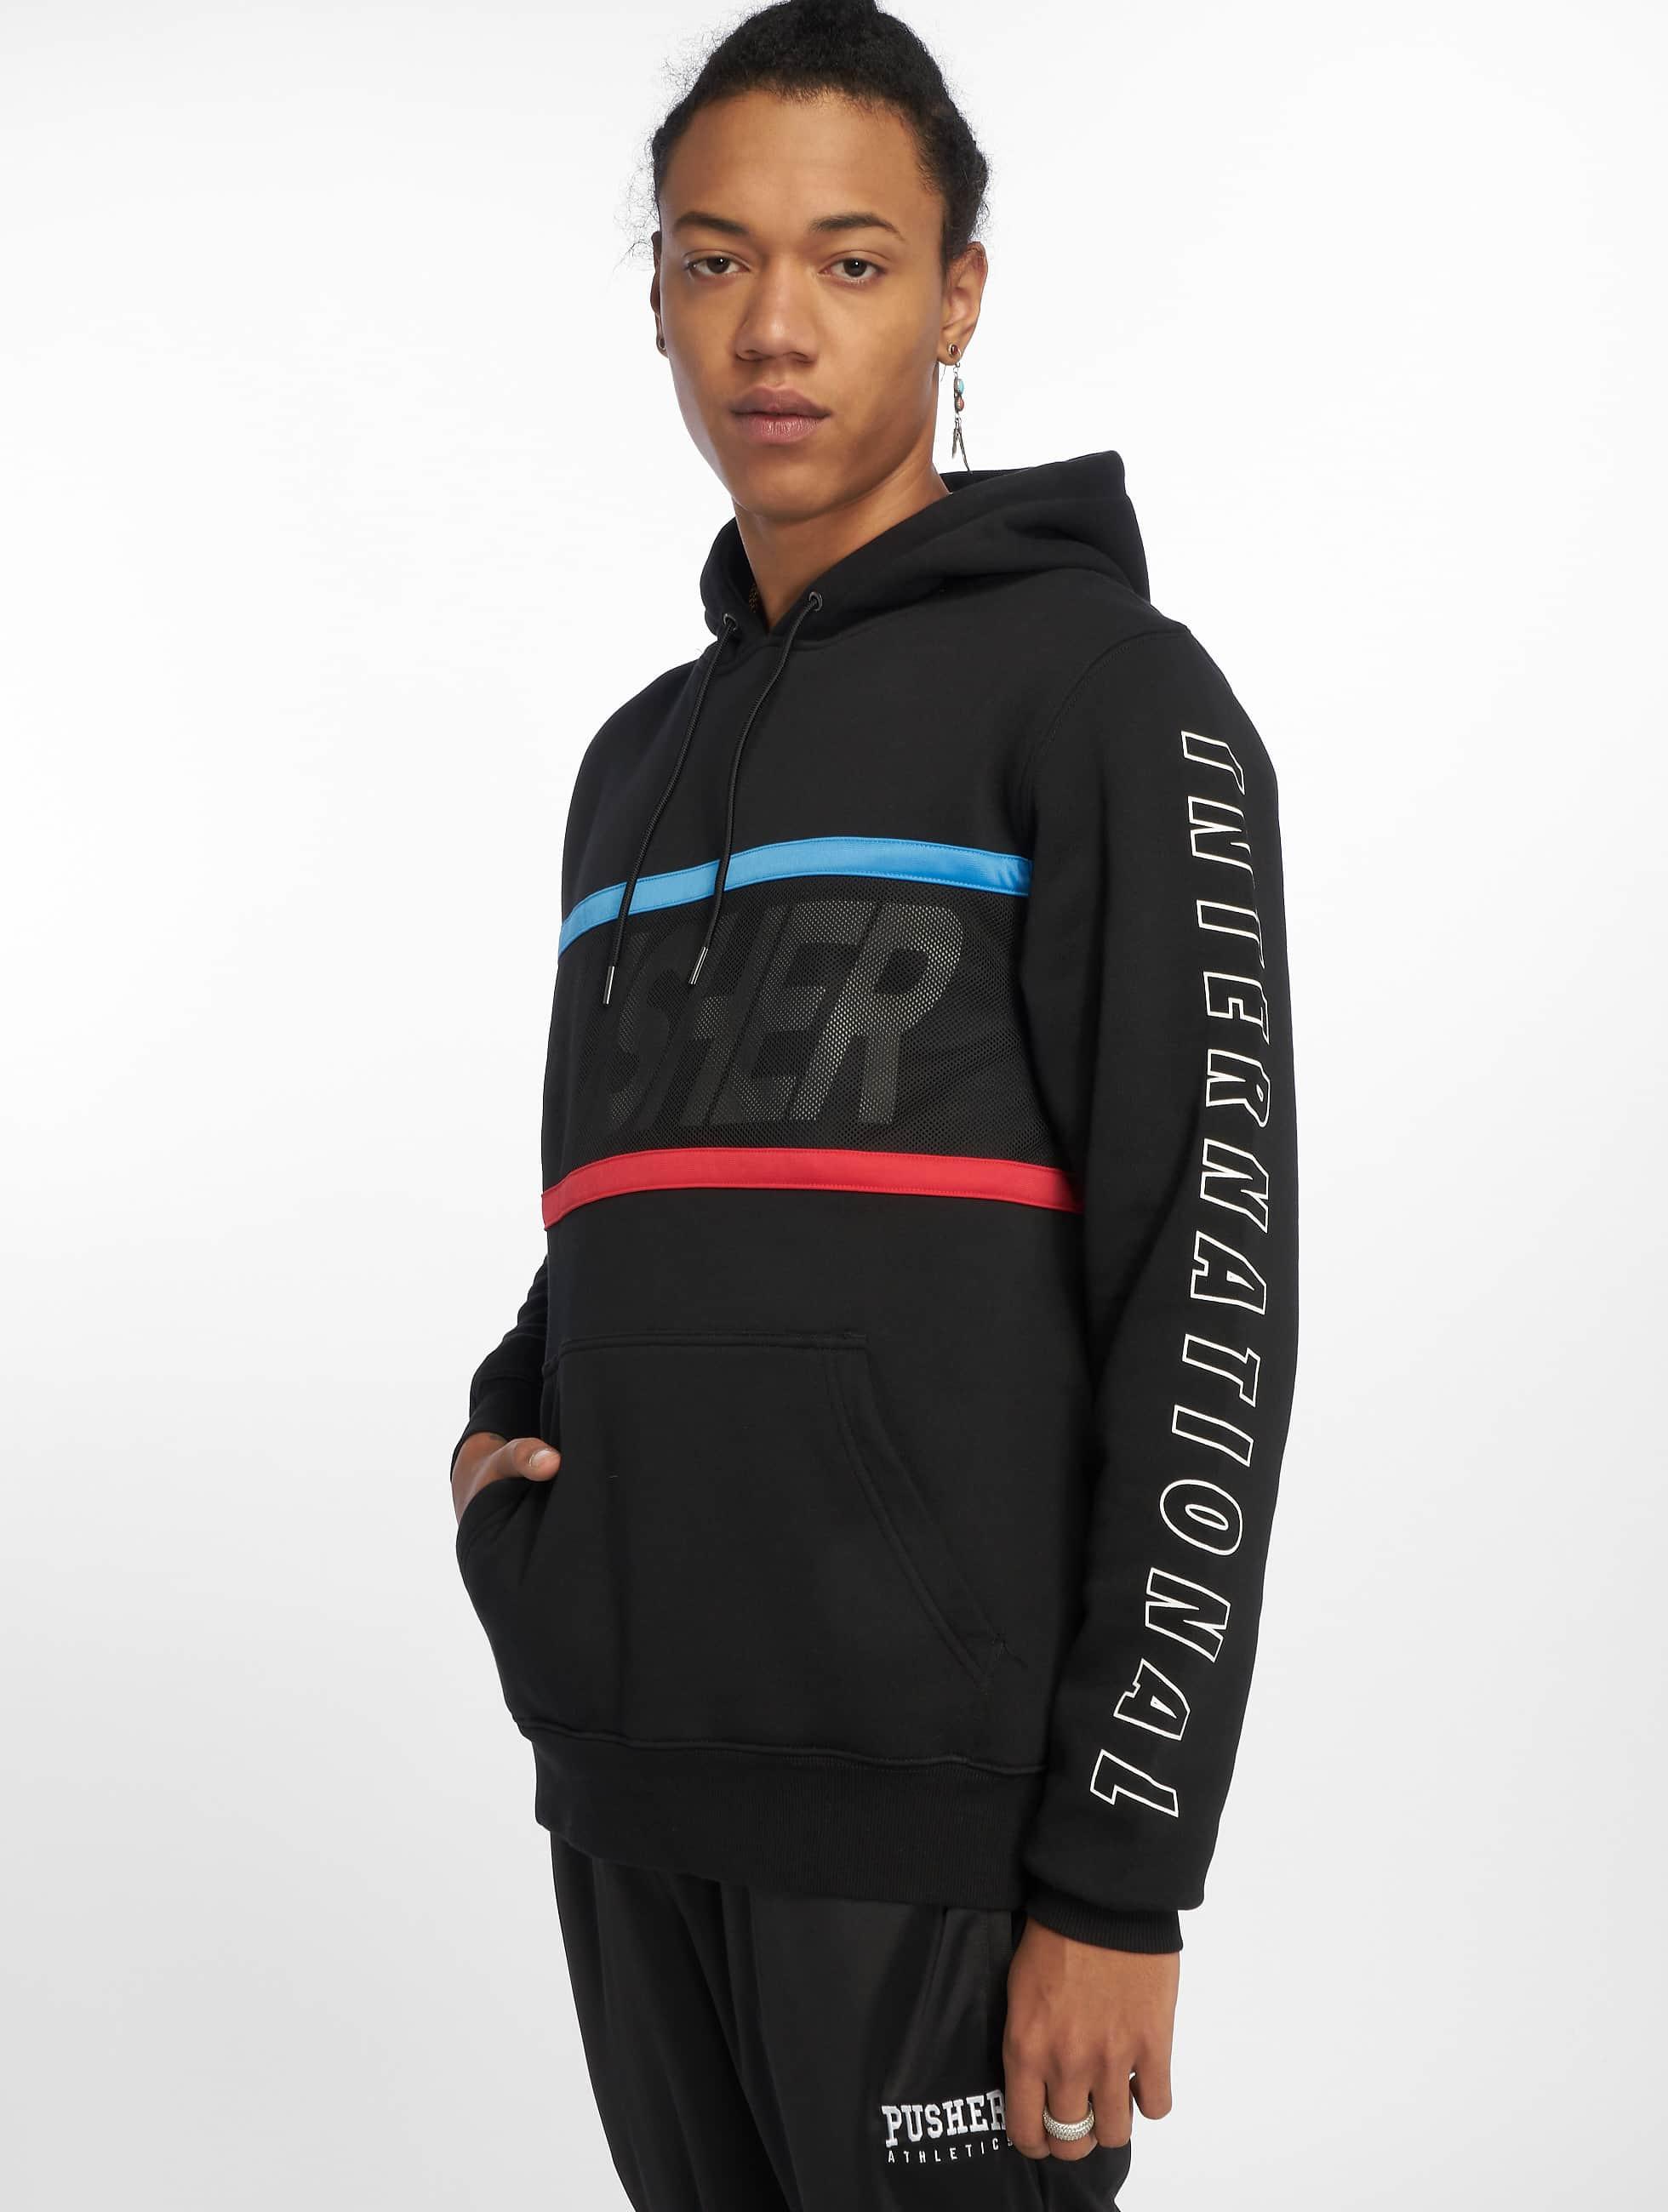 Pusher Apparel • Hoodie Pullover • Größe: M • Farbe: schwarz #Gebraucht !!